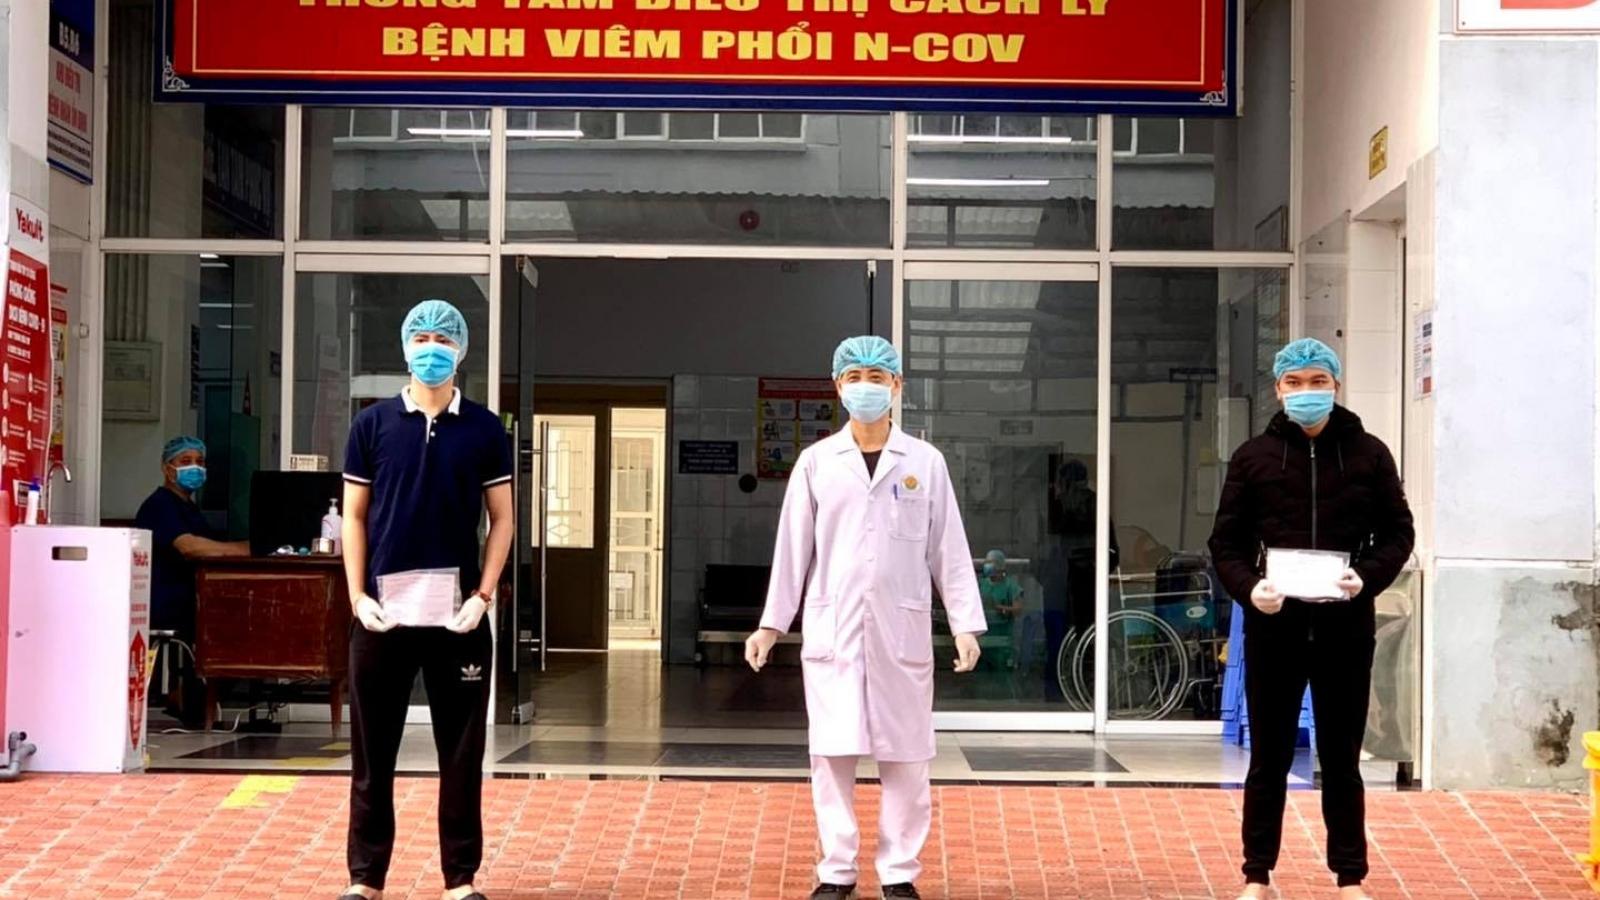 Đã có 15 bệnh nhân Covid-19 ở Quảng Ninh được công bố khỏi bệnh